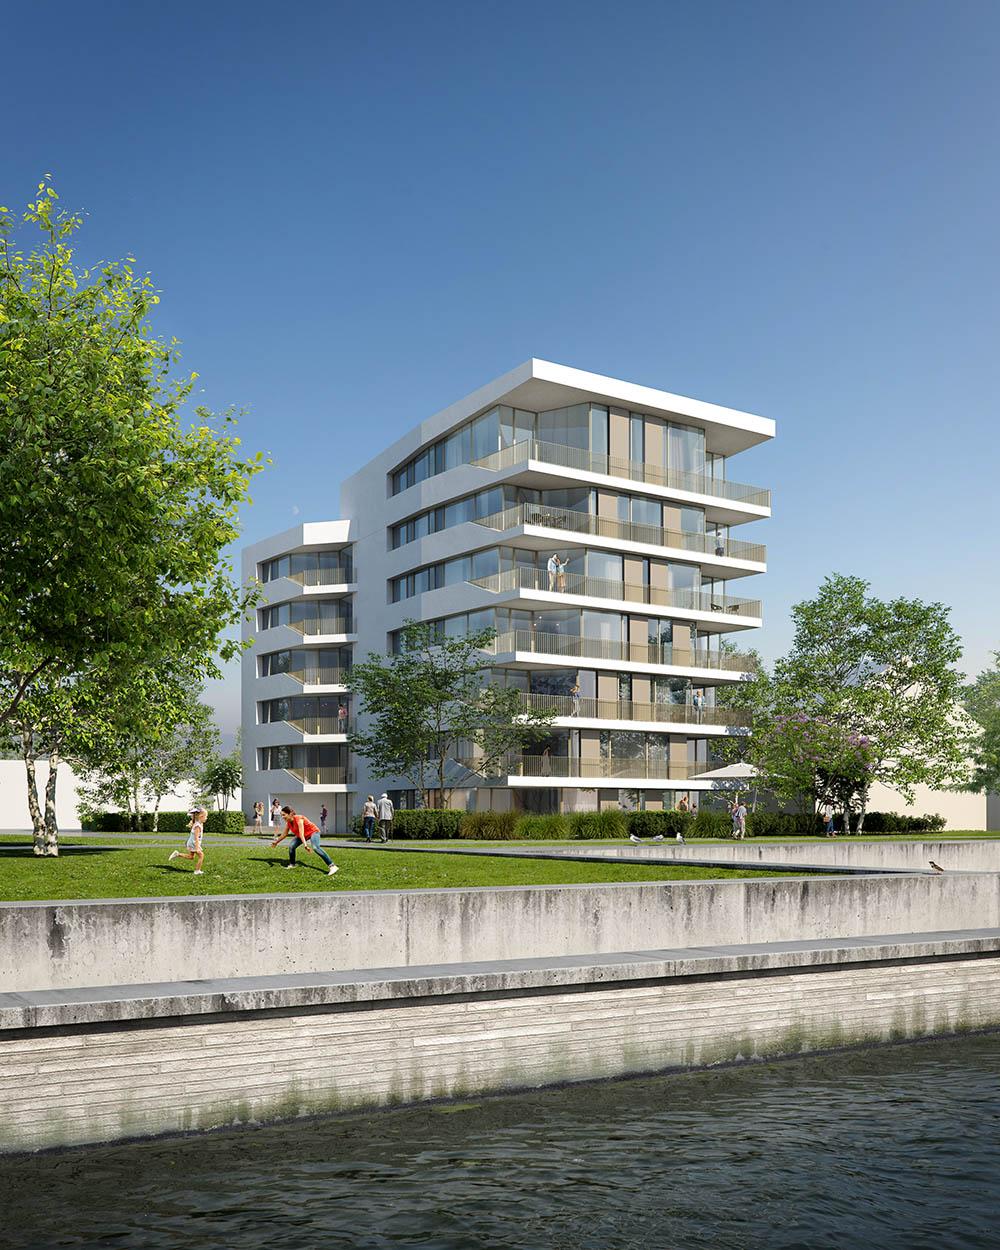 Neubau Elblofts Lutherstadt Wittenberg